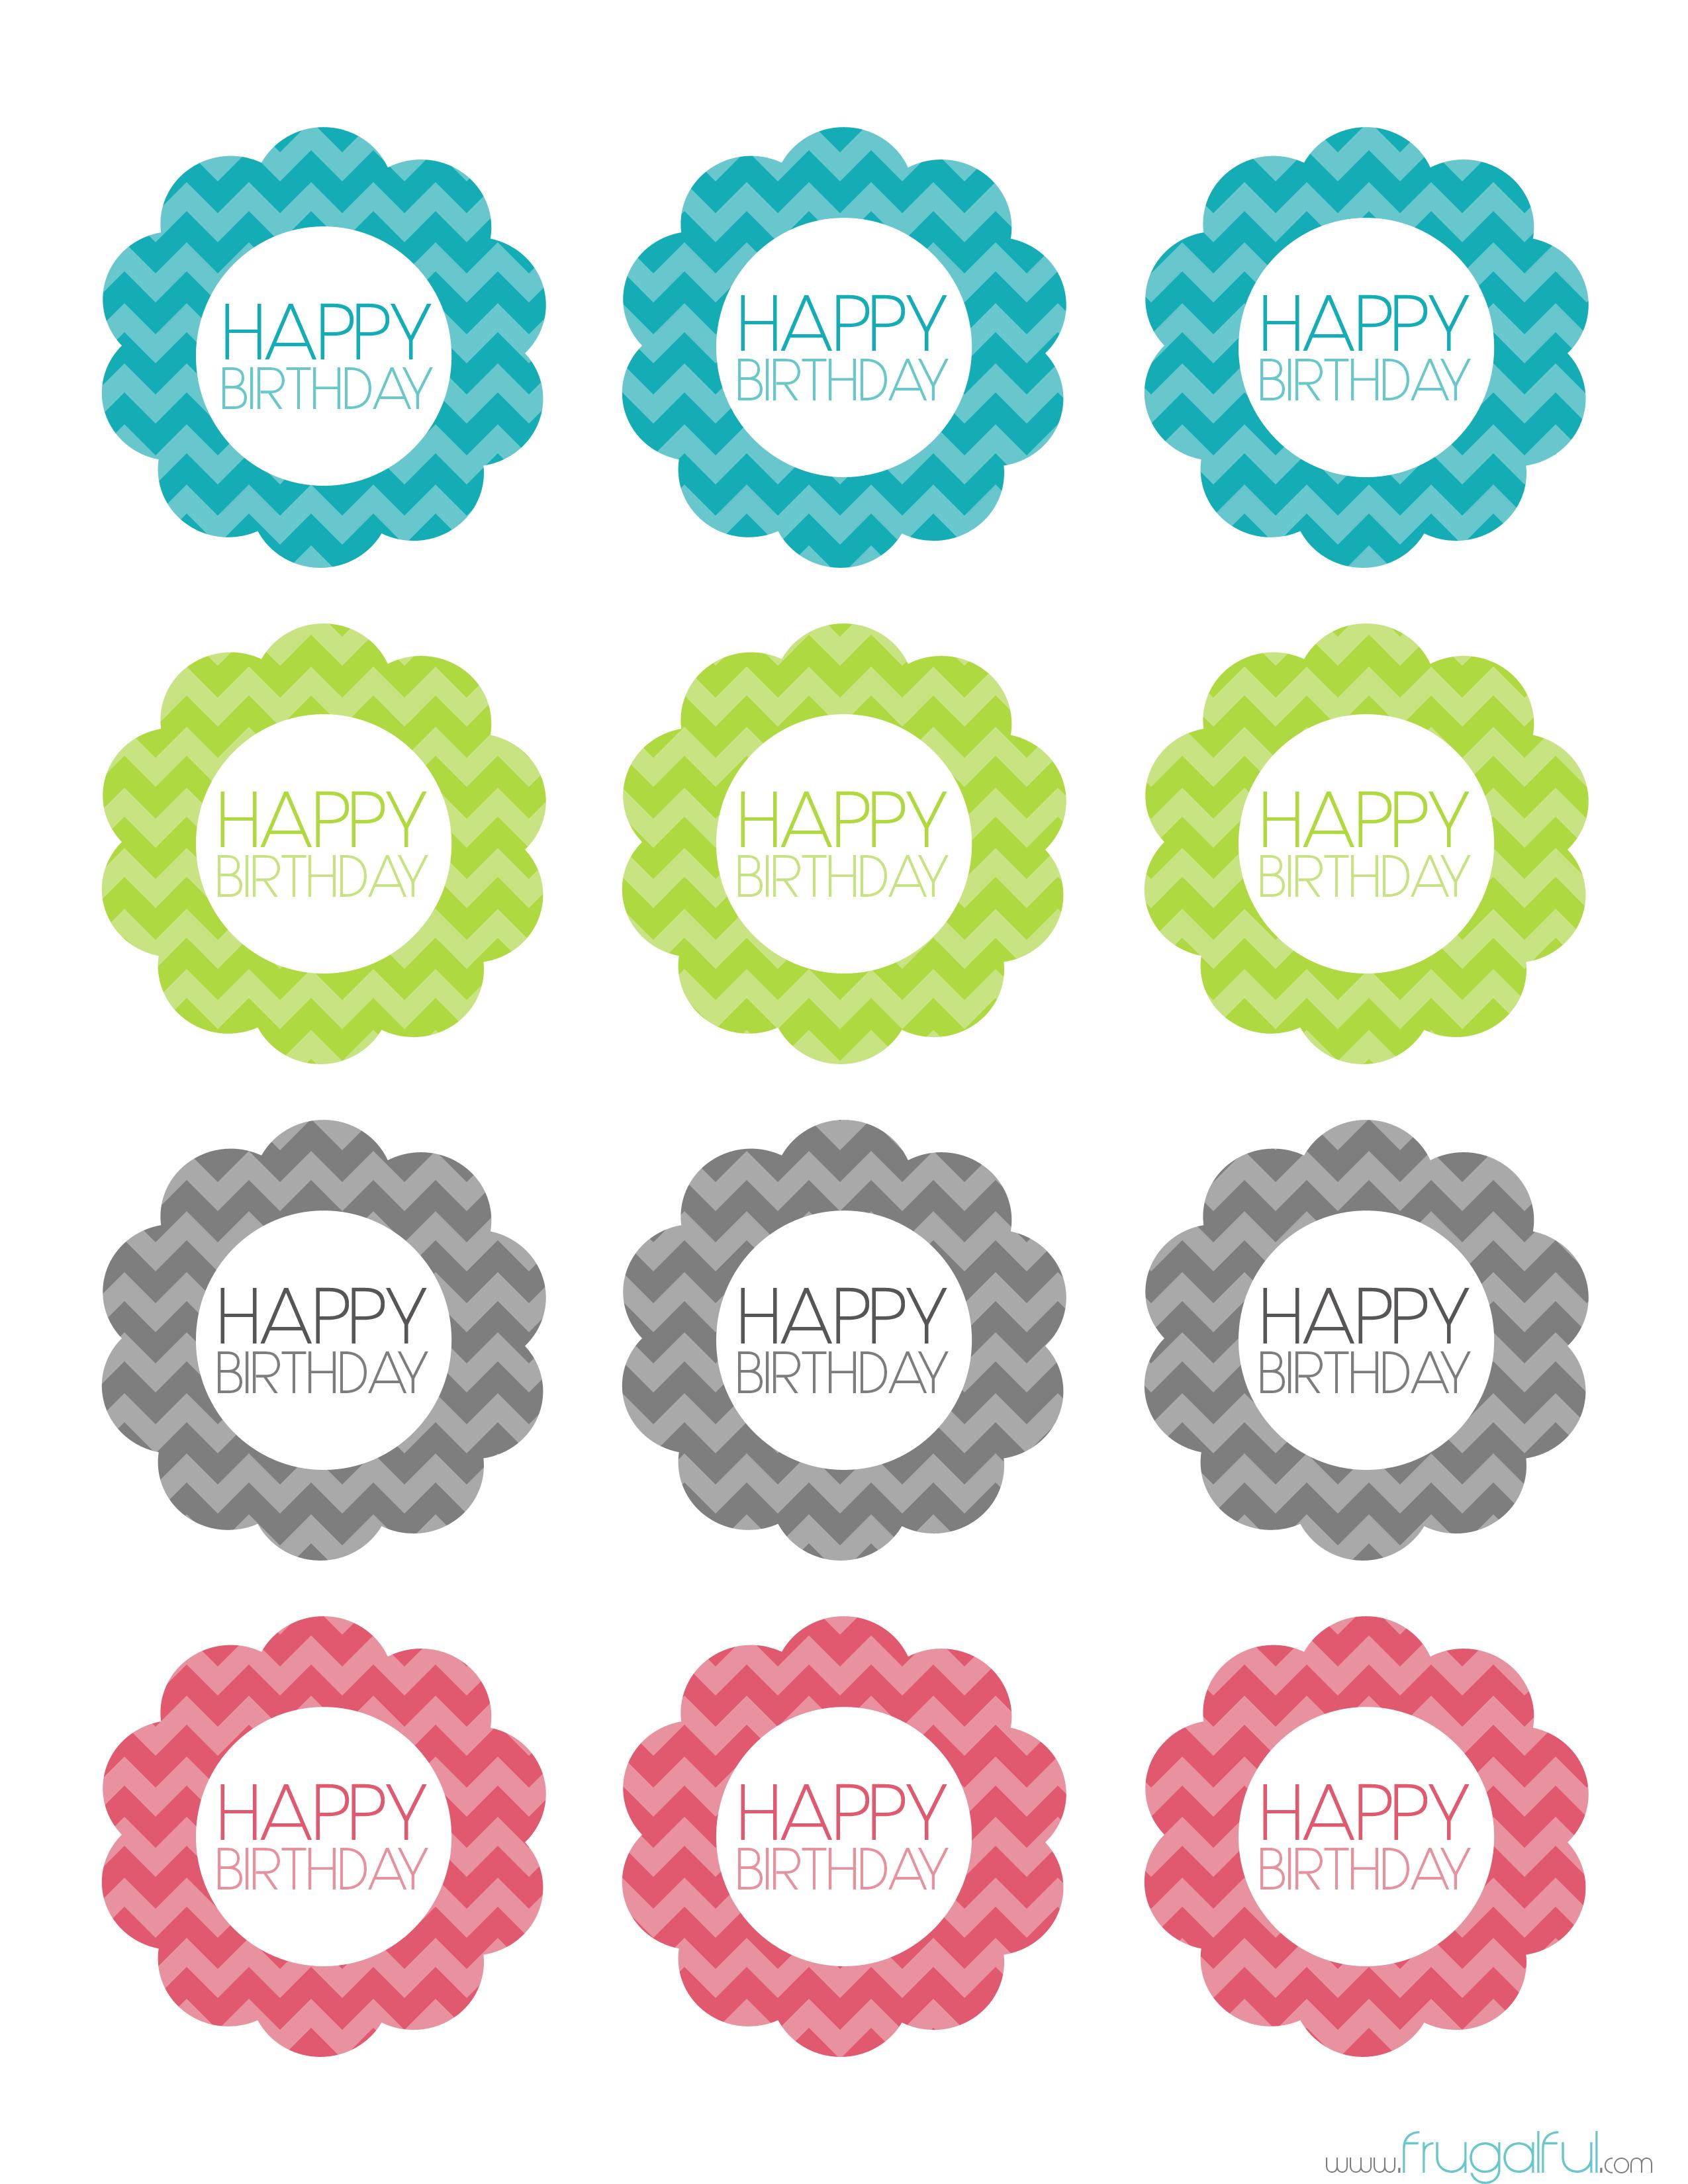 Free Printable Chevron Birthday Cupcake Topper | Frugalful | Par - Baptism Cupcake Toppers Printable Free